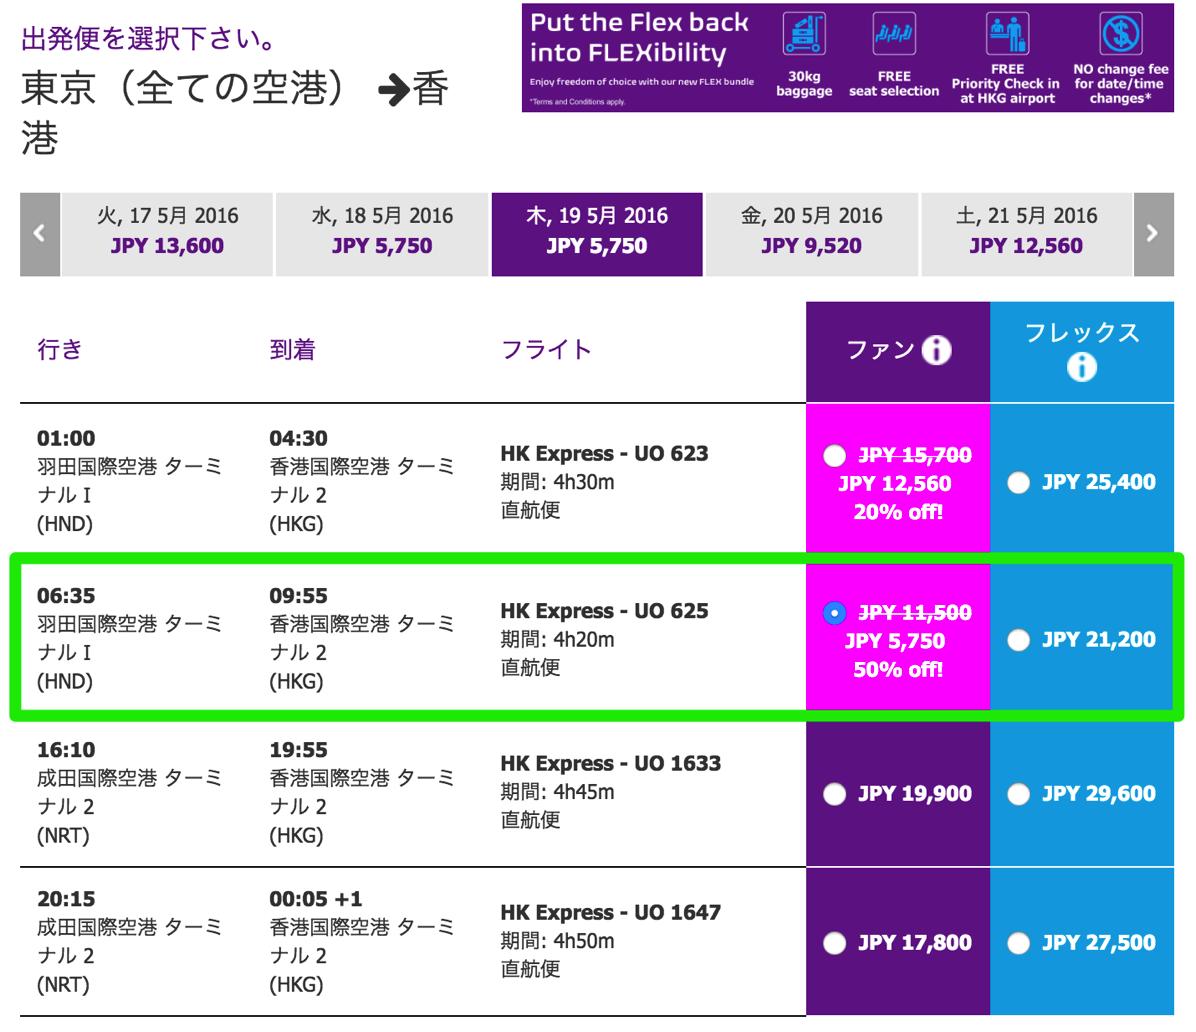 香港エクスプレス:羽田 → 香港が片道5,750円